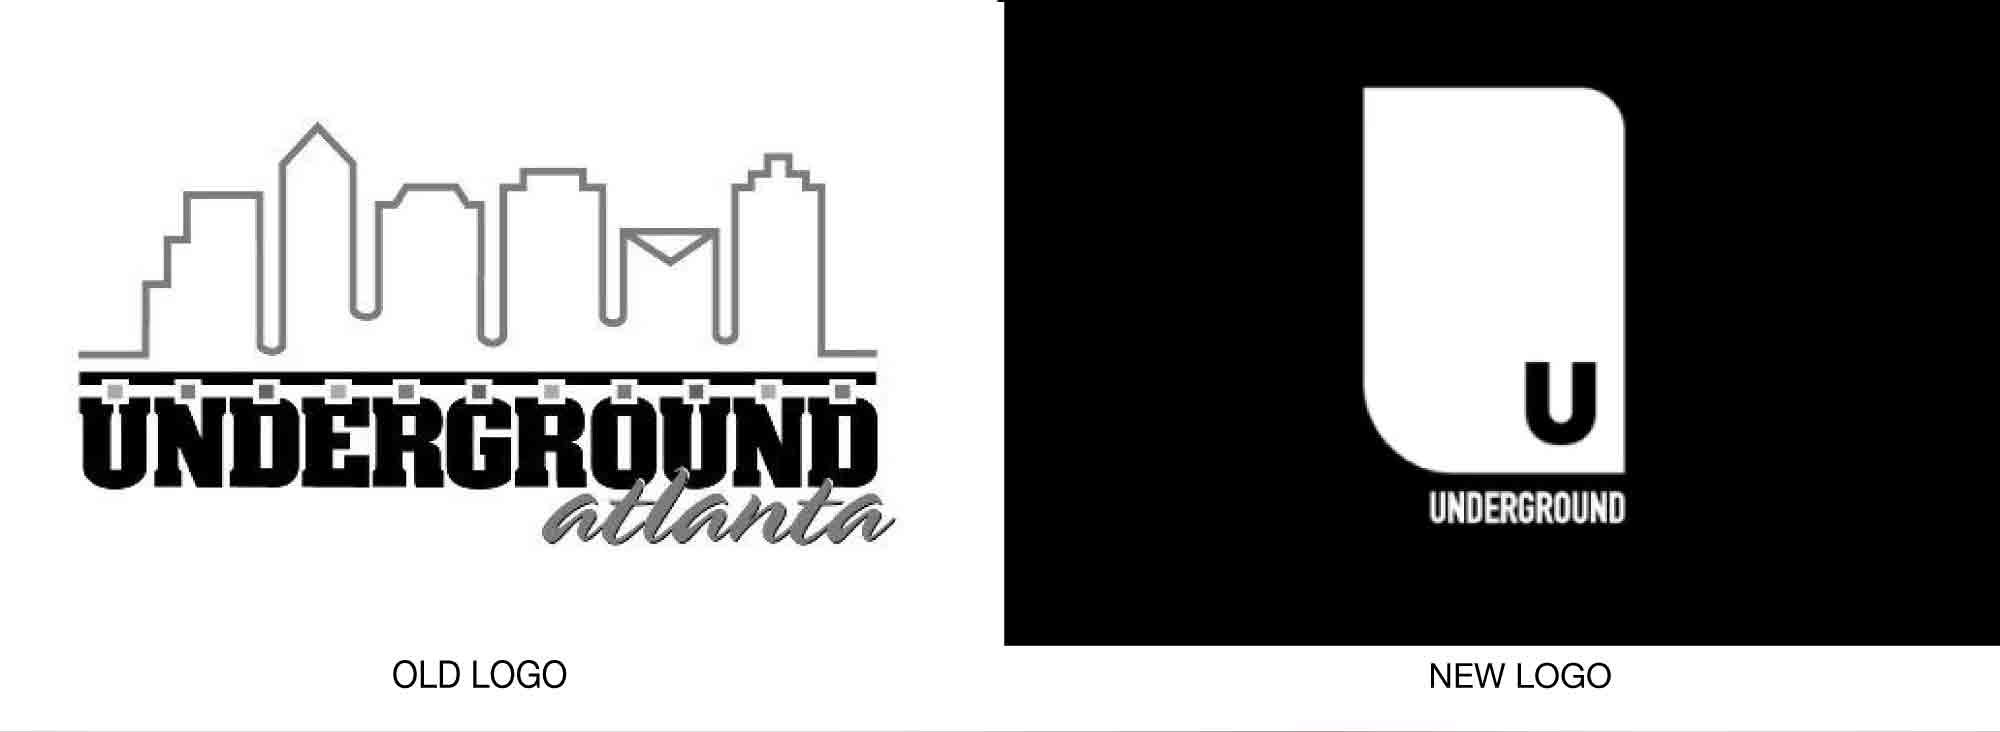 Adaptive logos